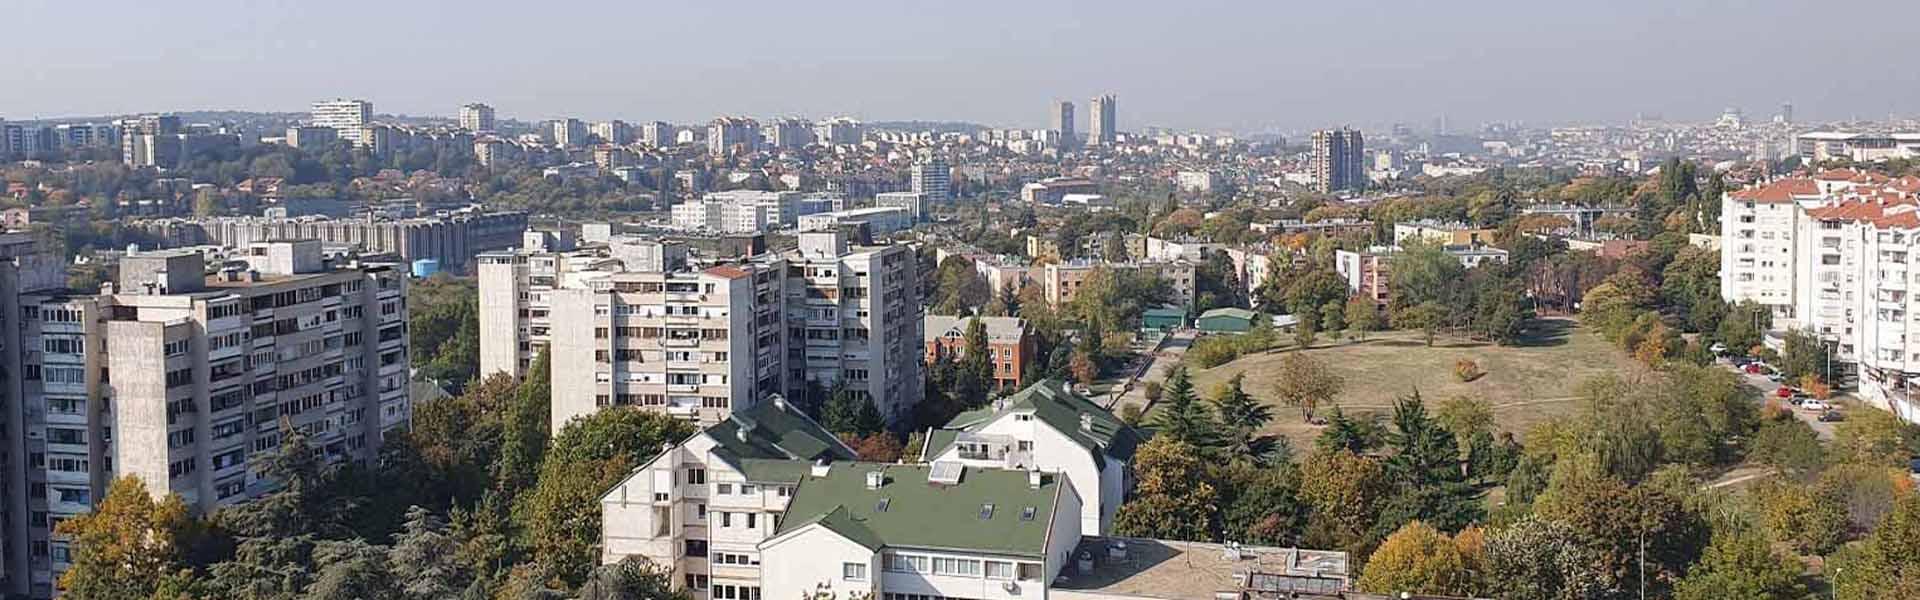 Dostava hrane Braće Jerković | Beograd